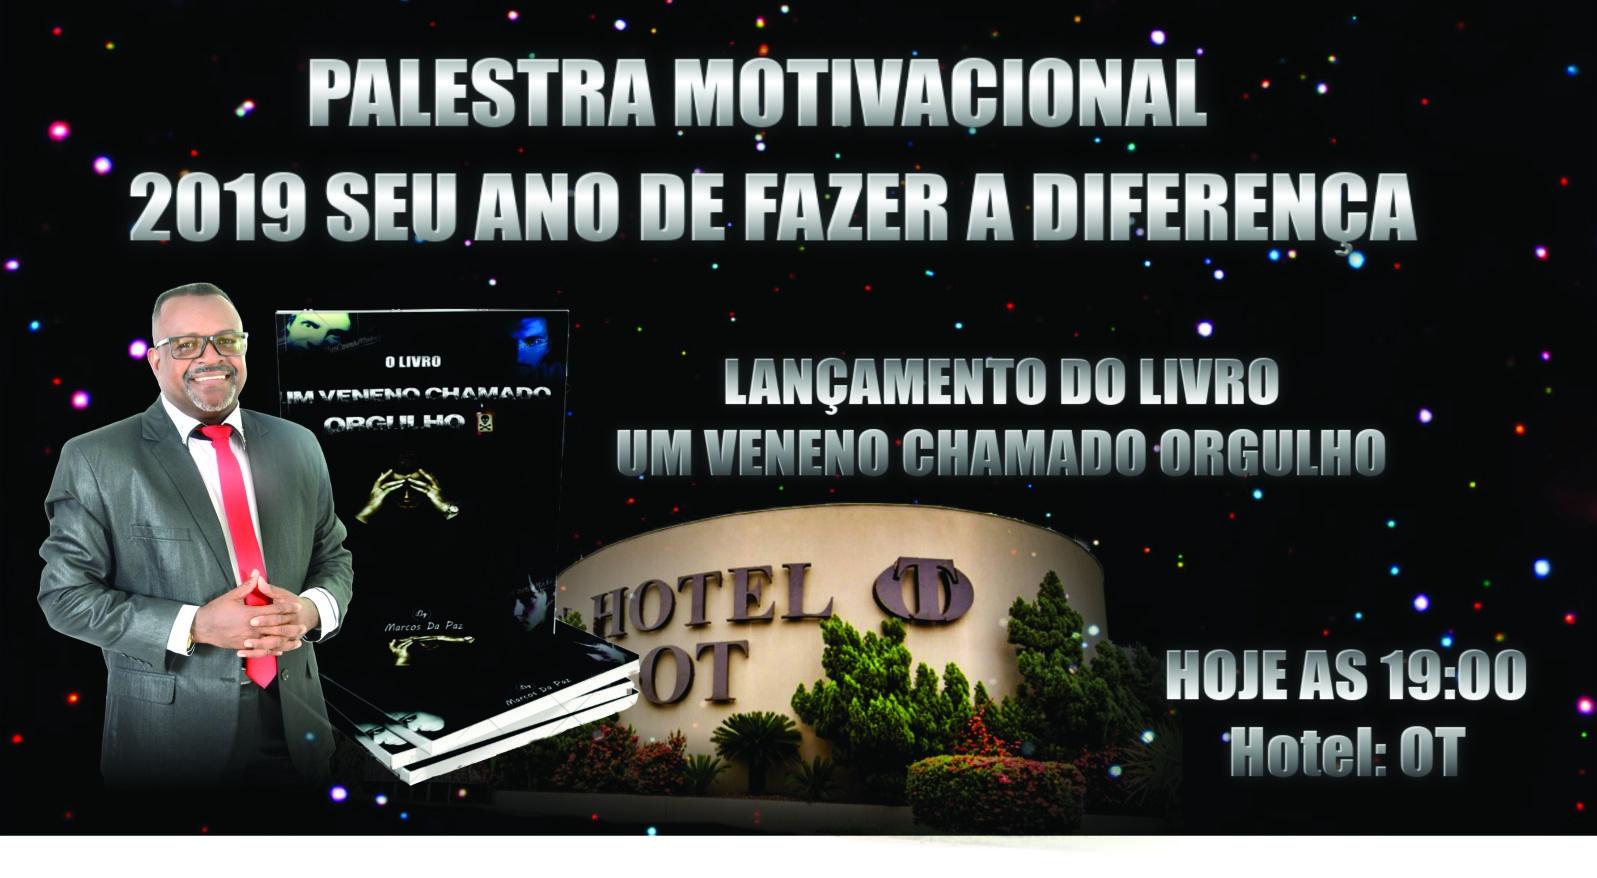 Palestra Motivacional 2019 Ano De Fazer A Diferença Eo